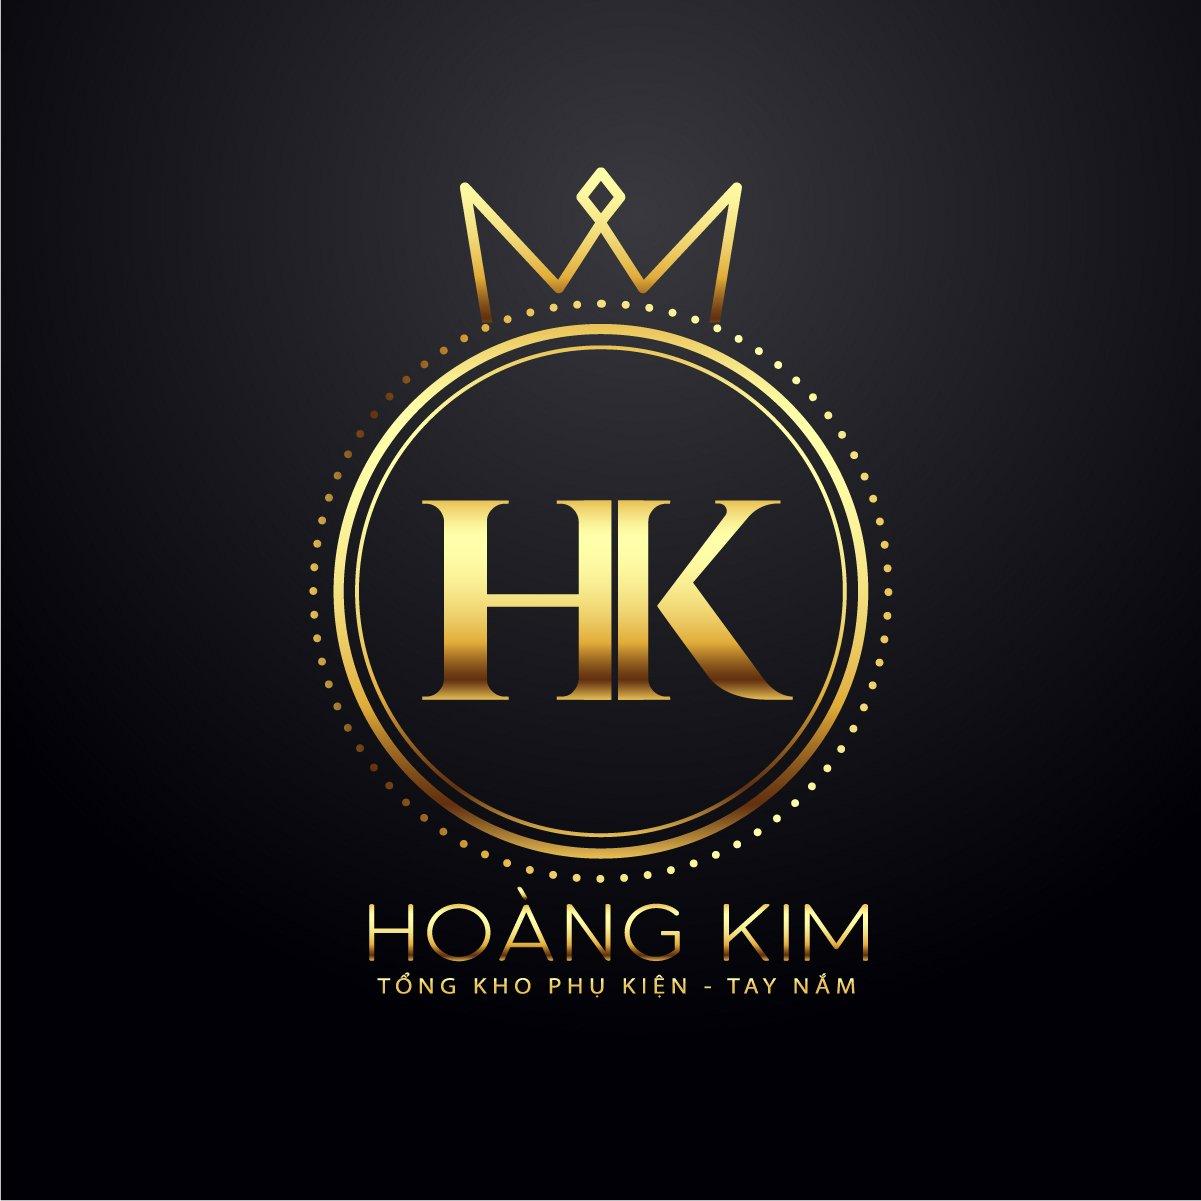 Phụ kiện Hoàng Kim